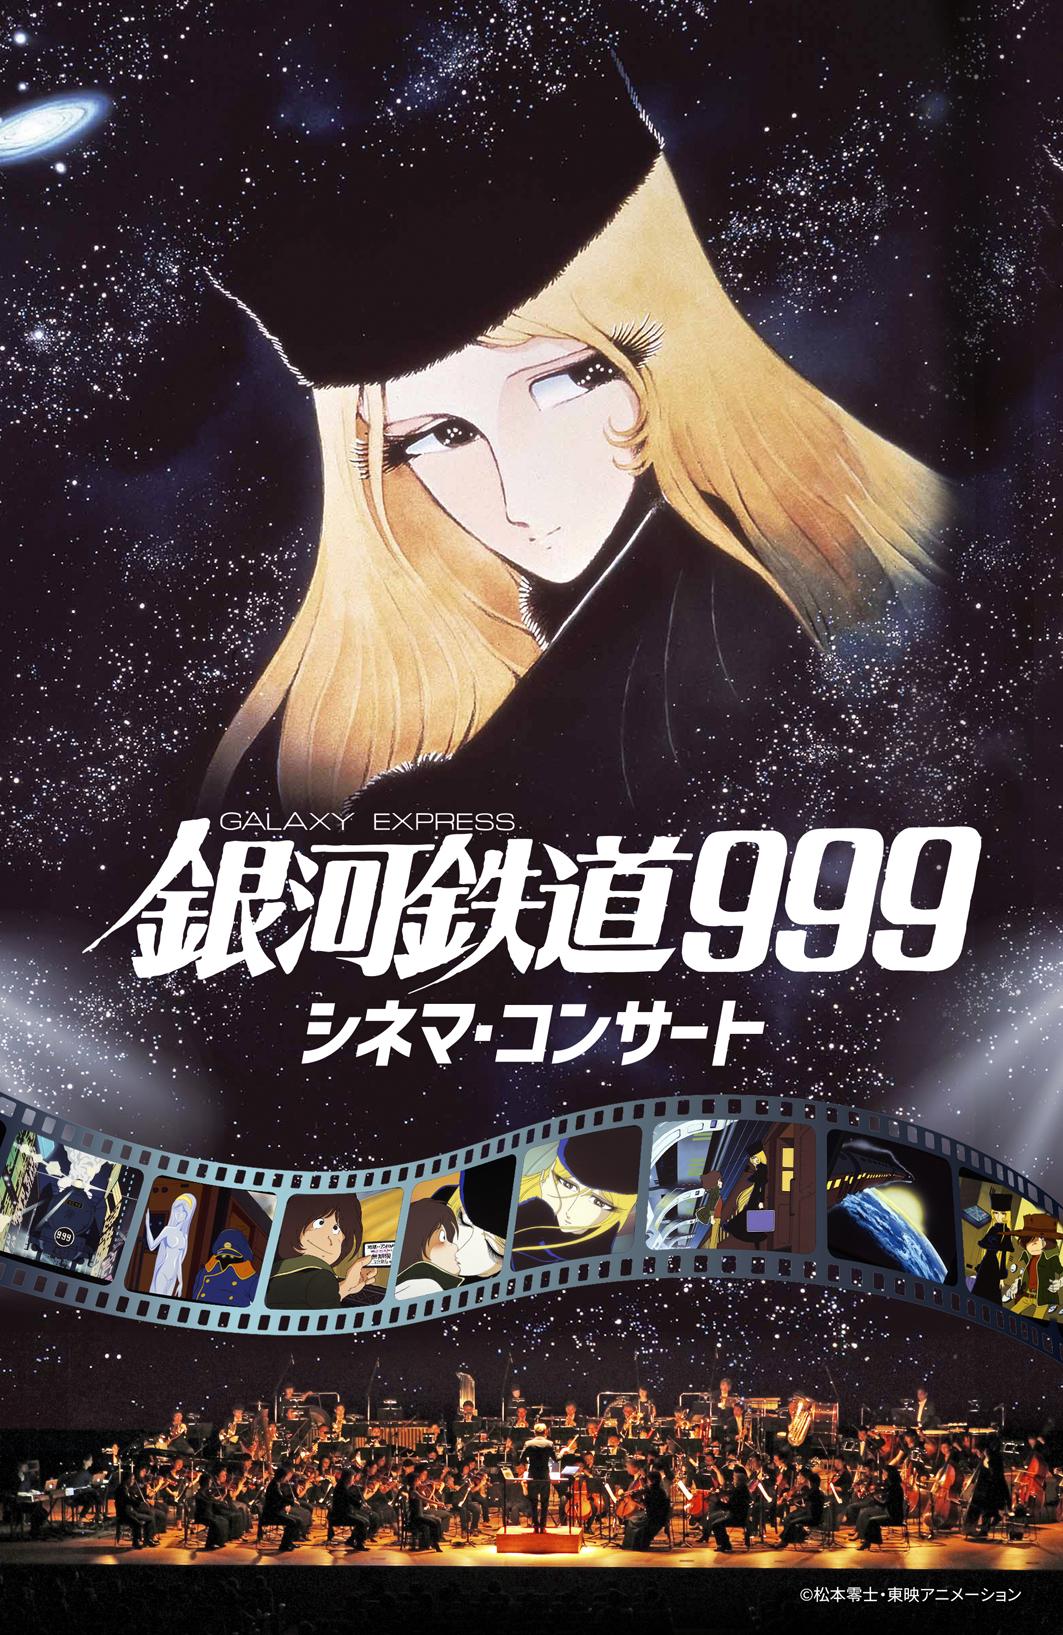 『銀河鉄道999 シネマ・コンサート』